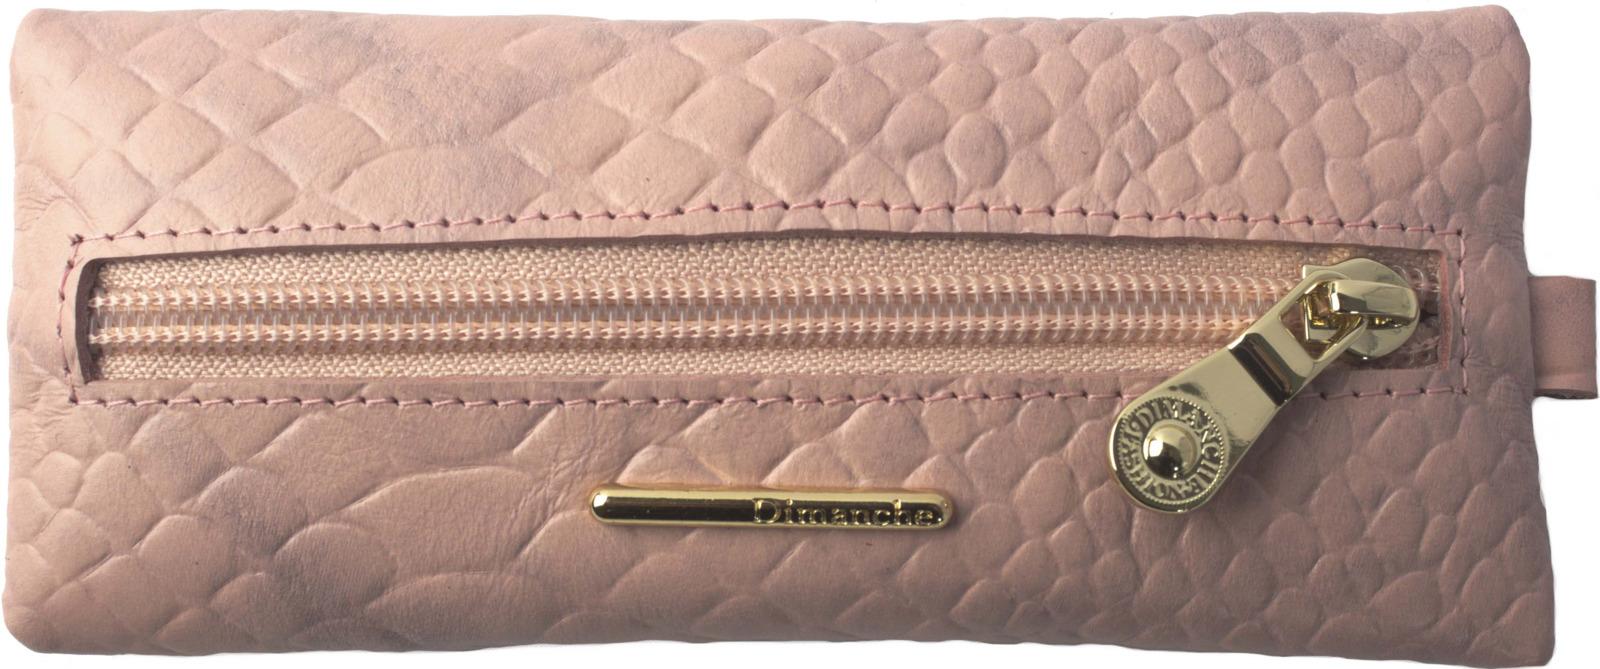 Ключница женская Dimanche Nice, 73059, розовый ключница женская dimanche nice цвет красный 905